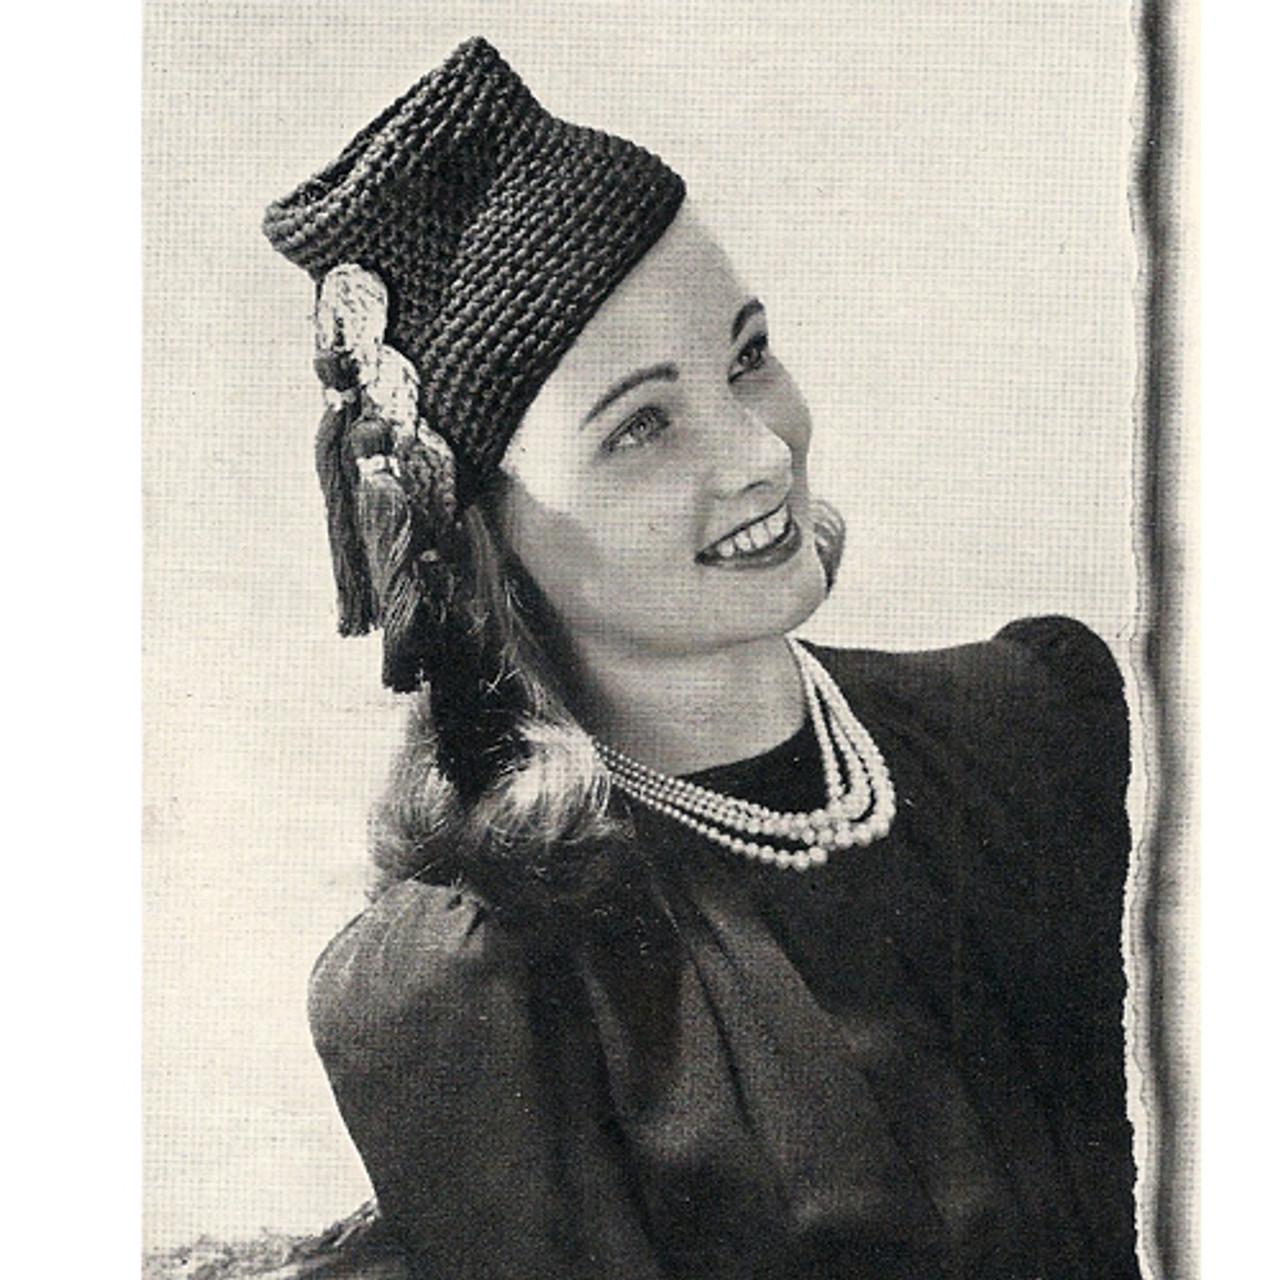 Crochet Tasseled High Hat Pattern